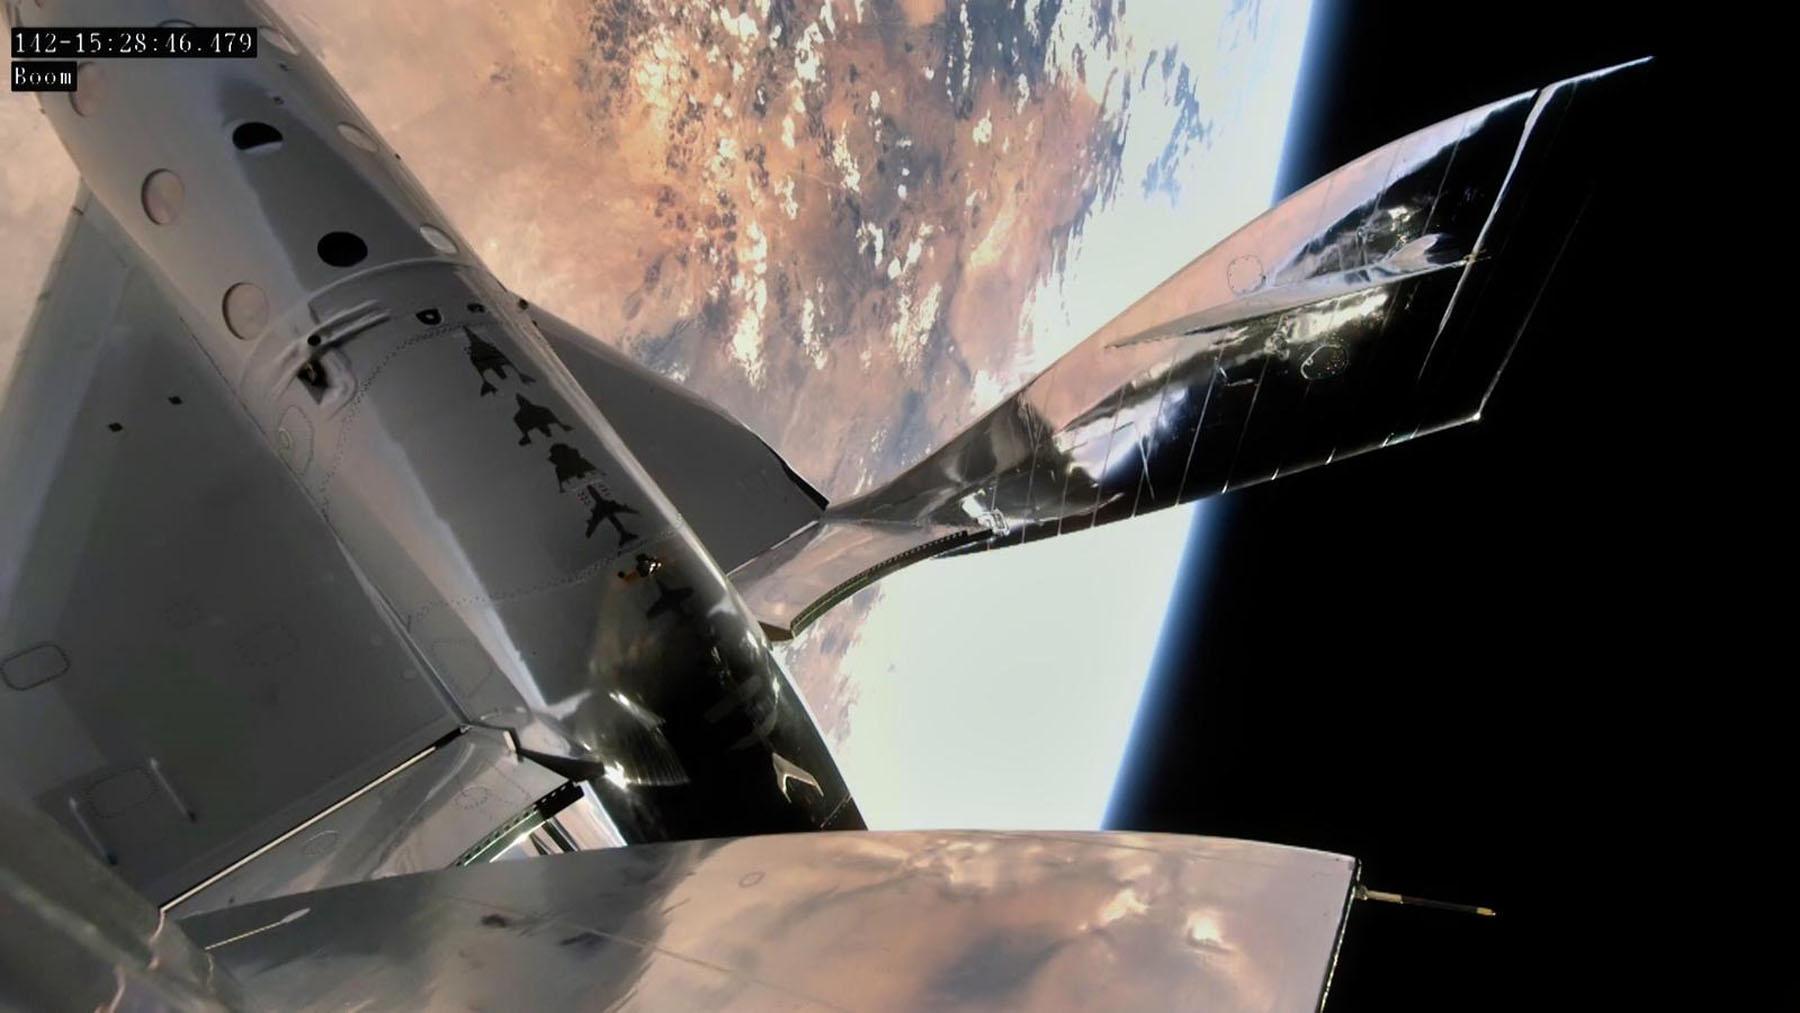 VSS Unity im Weltraum über New Mexico